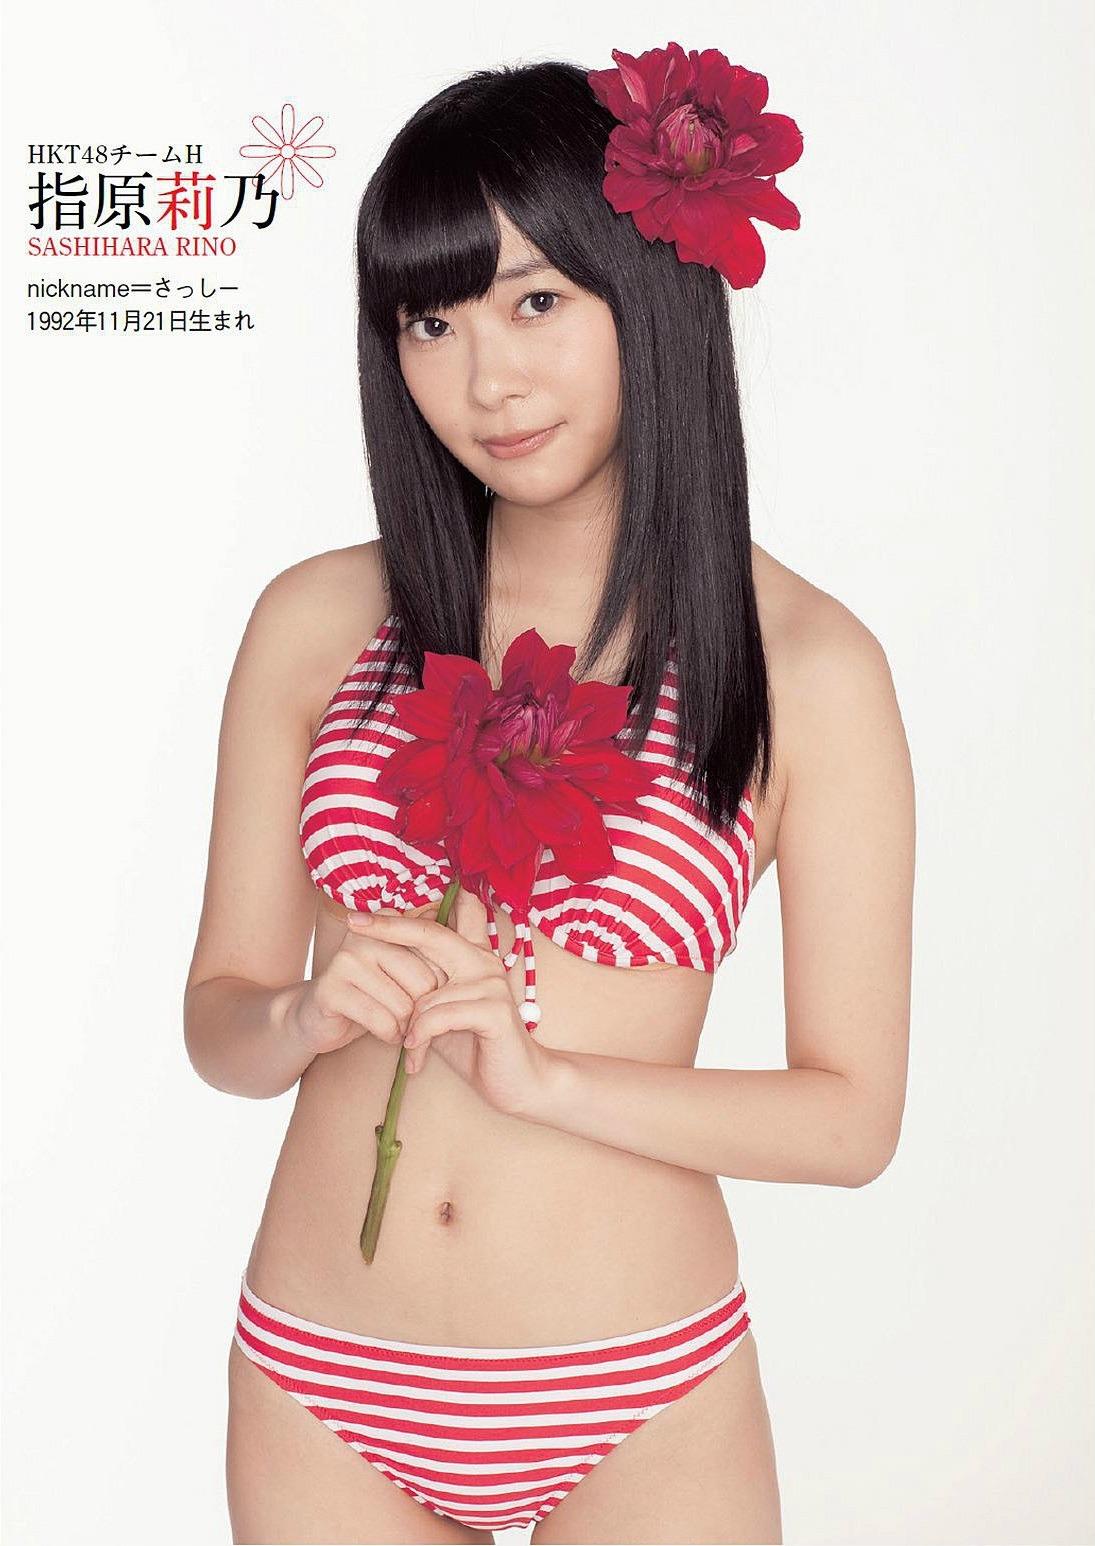 HKT48指原莉乃、ワンカップ大関のイメージキャラに TVCMも10月から放送2